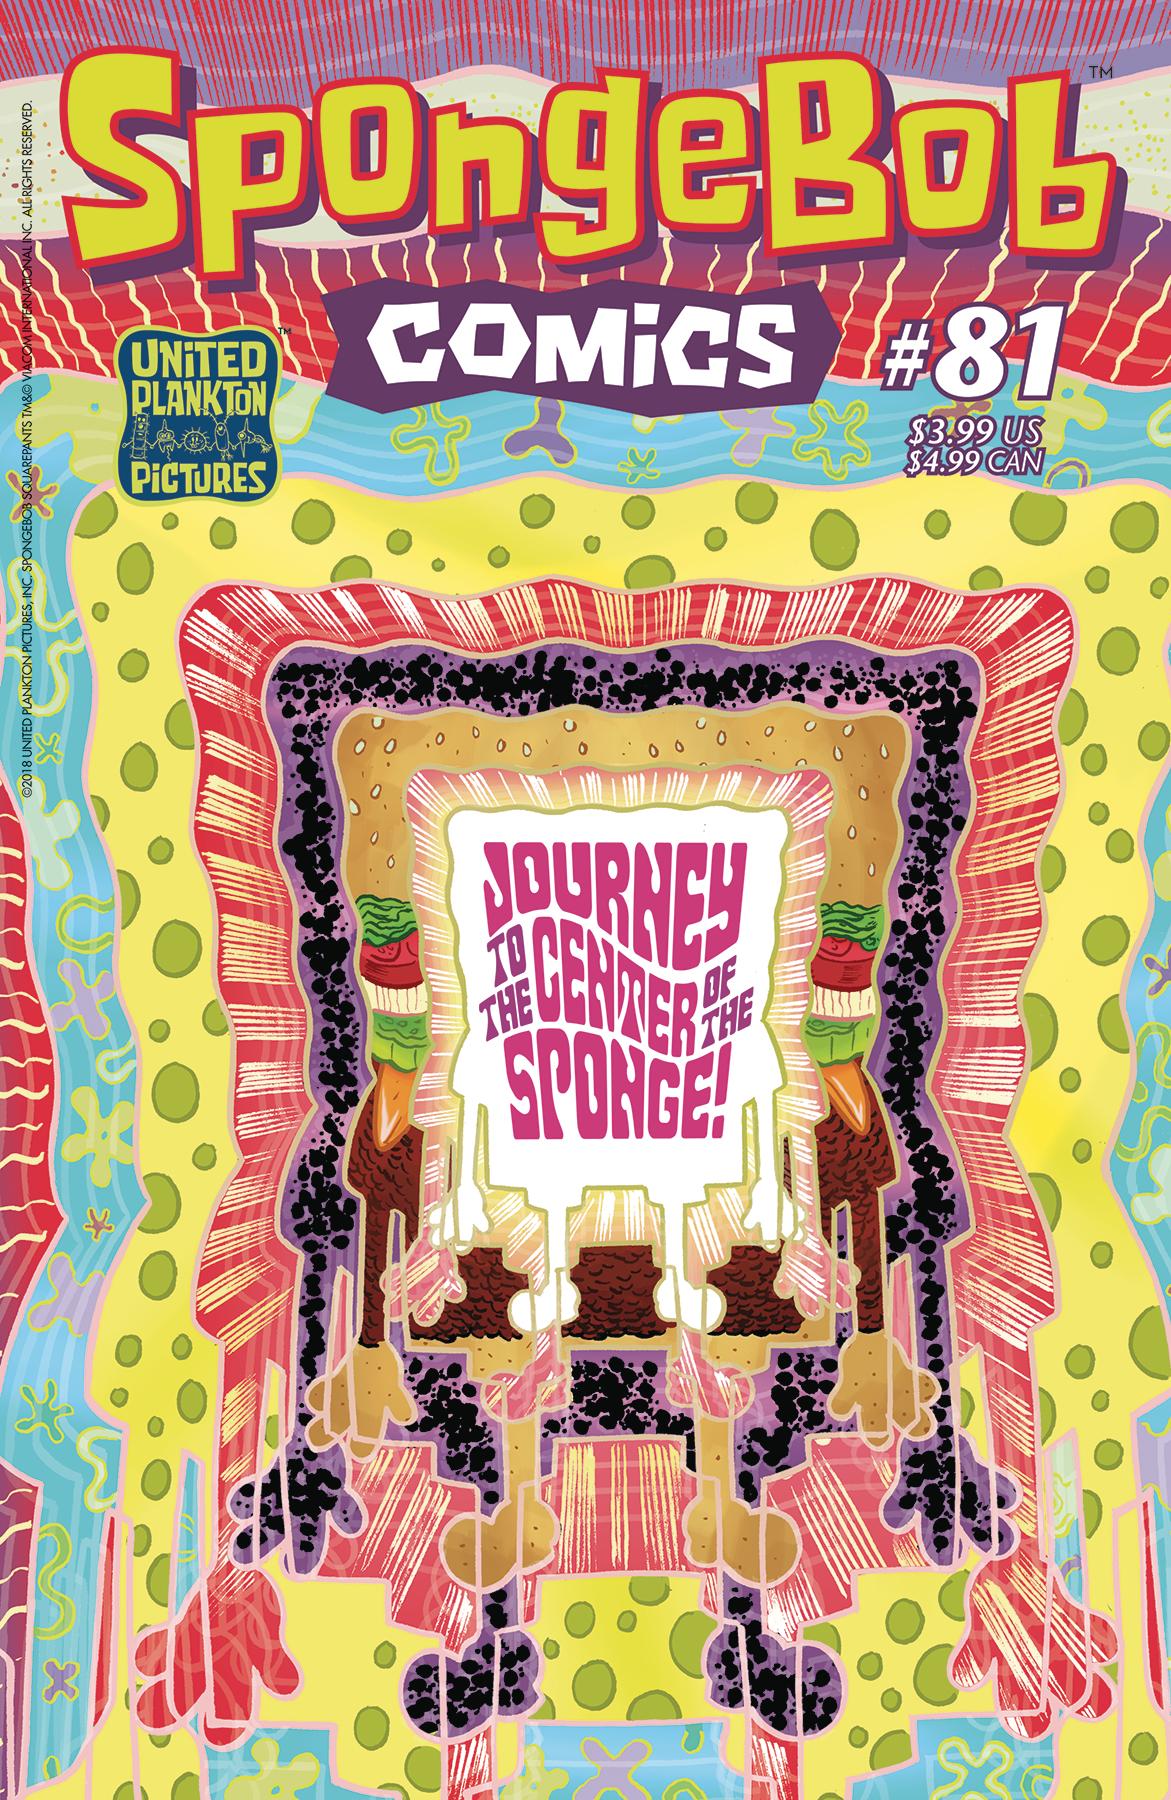 SpongeBob Comics No. 81